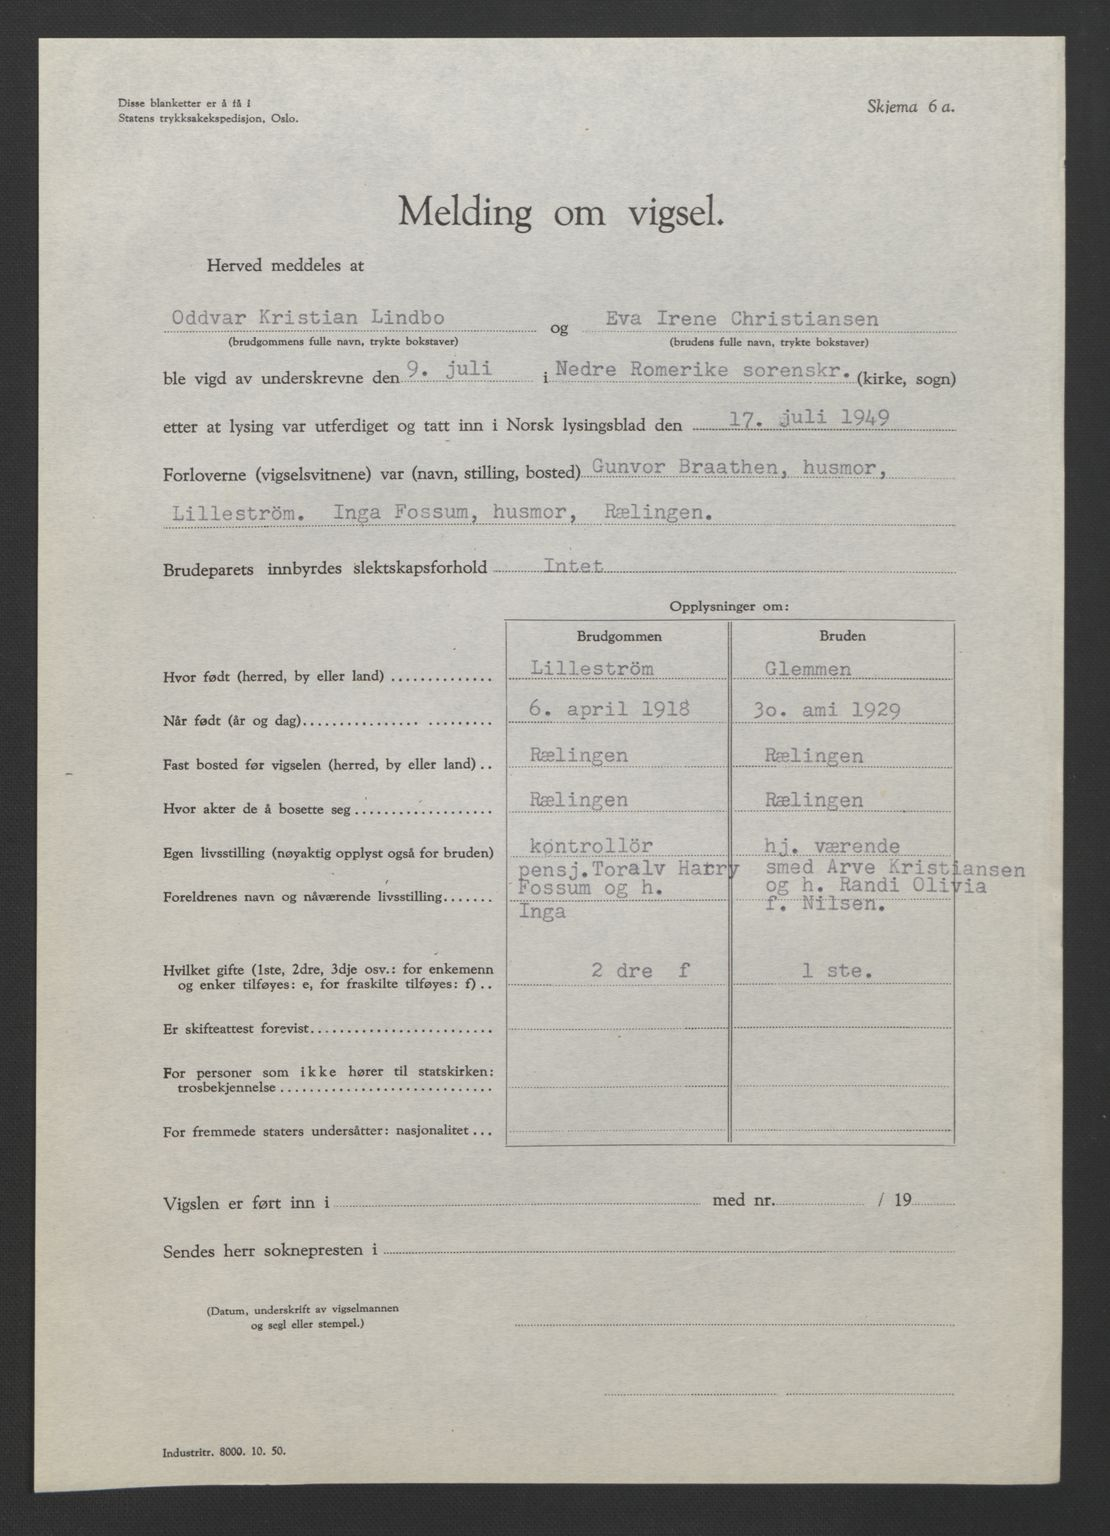 SAO, Nedre Romerike sorenskriveri, L/Lb/L0007: Vigselsbok - borgerlige vielser, 1946-1950, s. upaginert